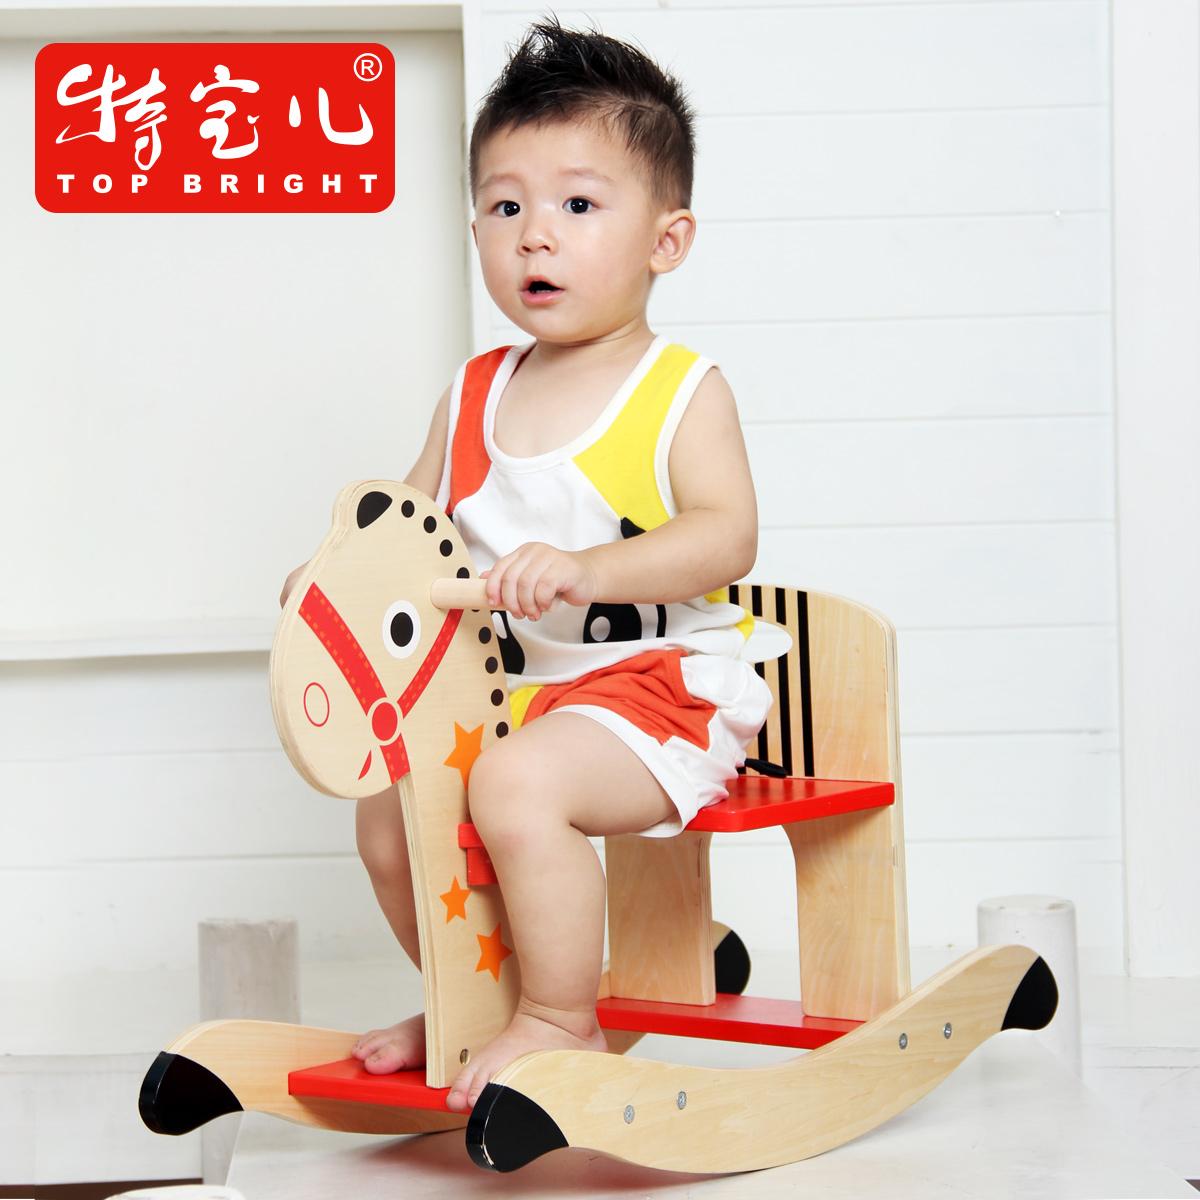 Как самому сделать качалку для ребенка